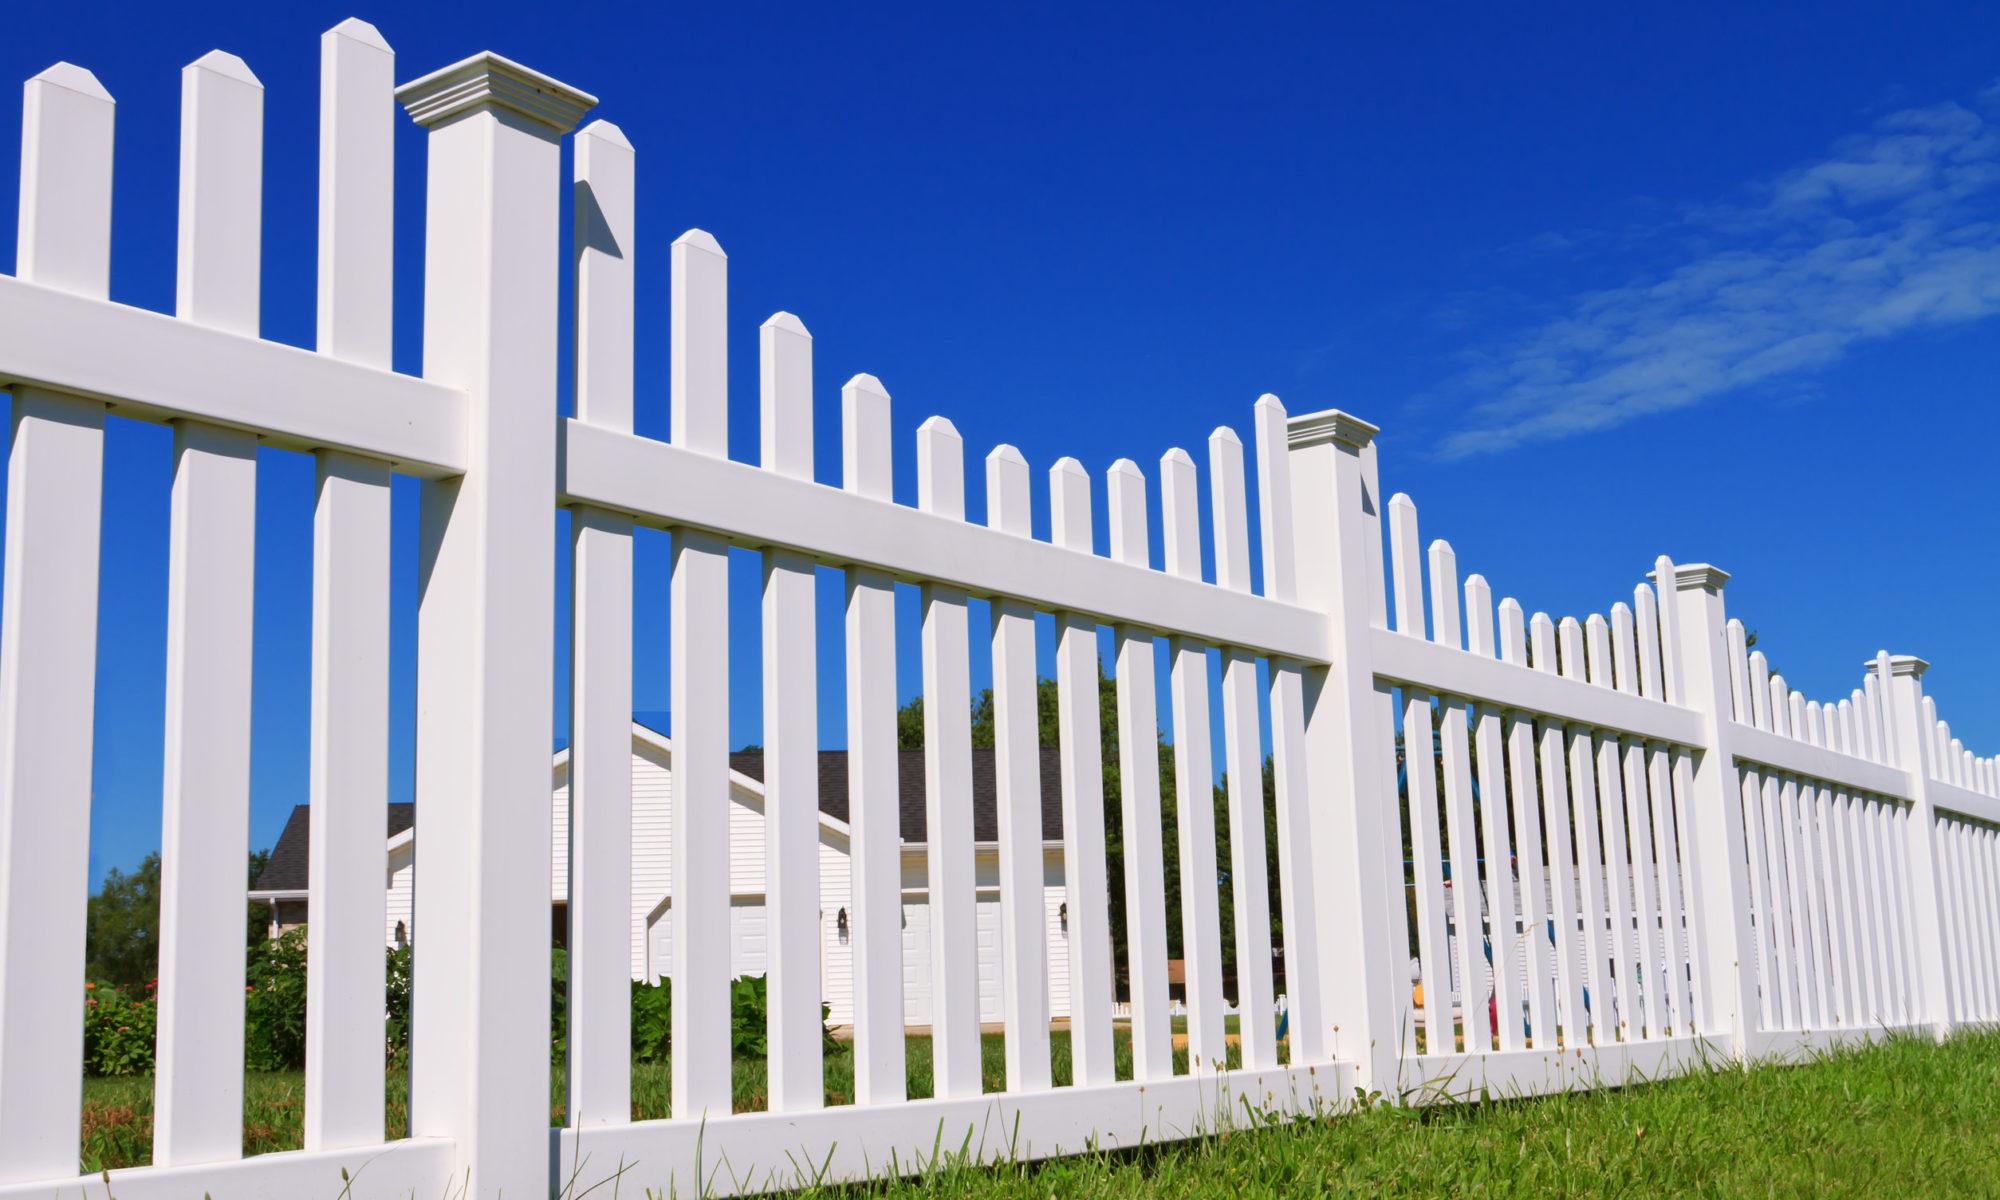 Denver fence companies